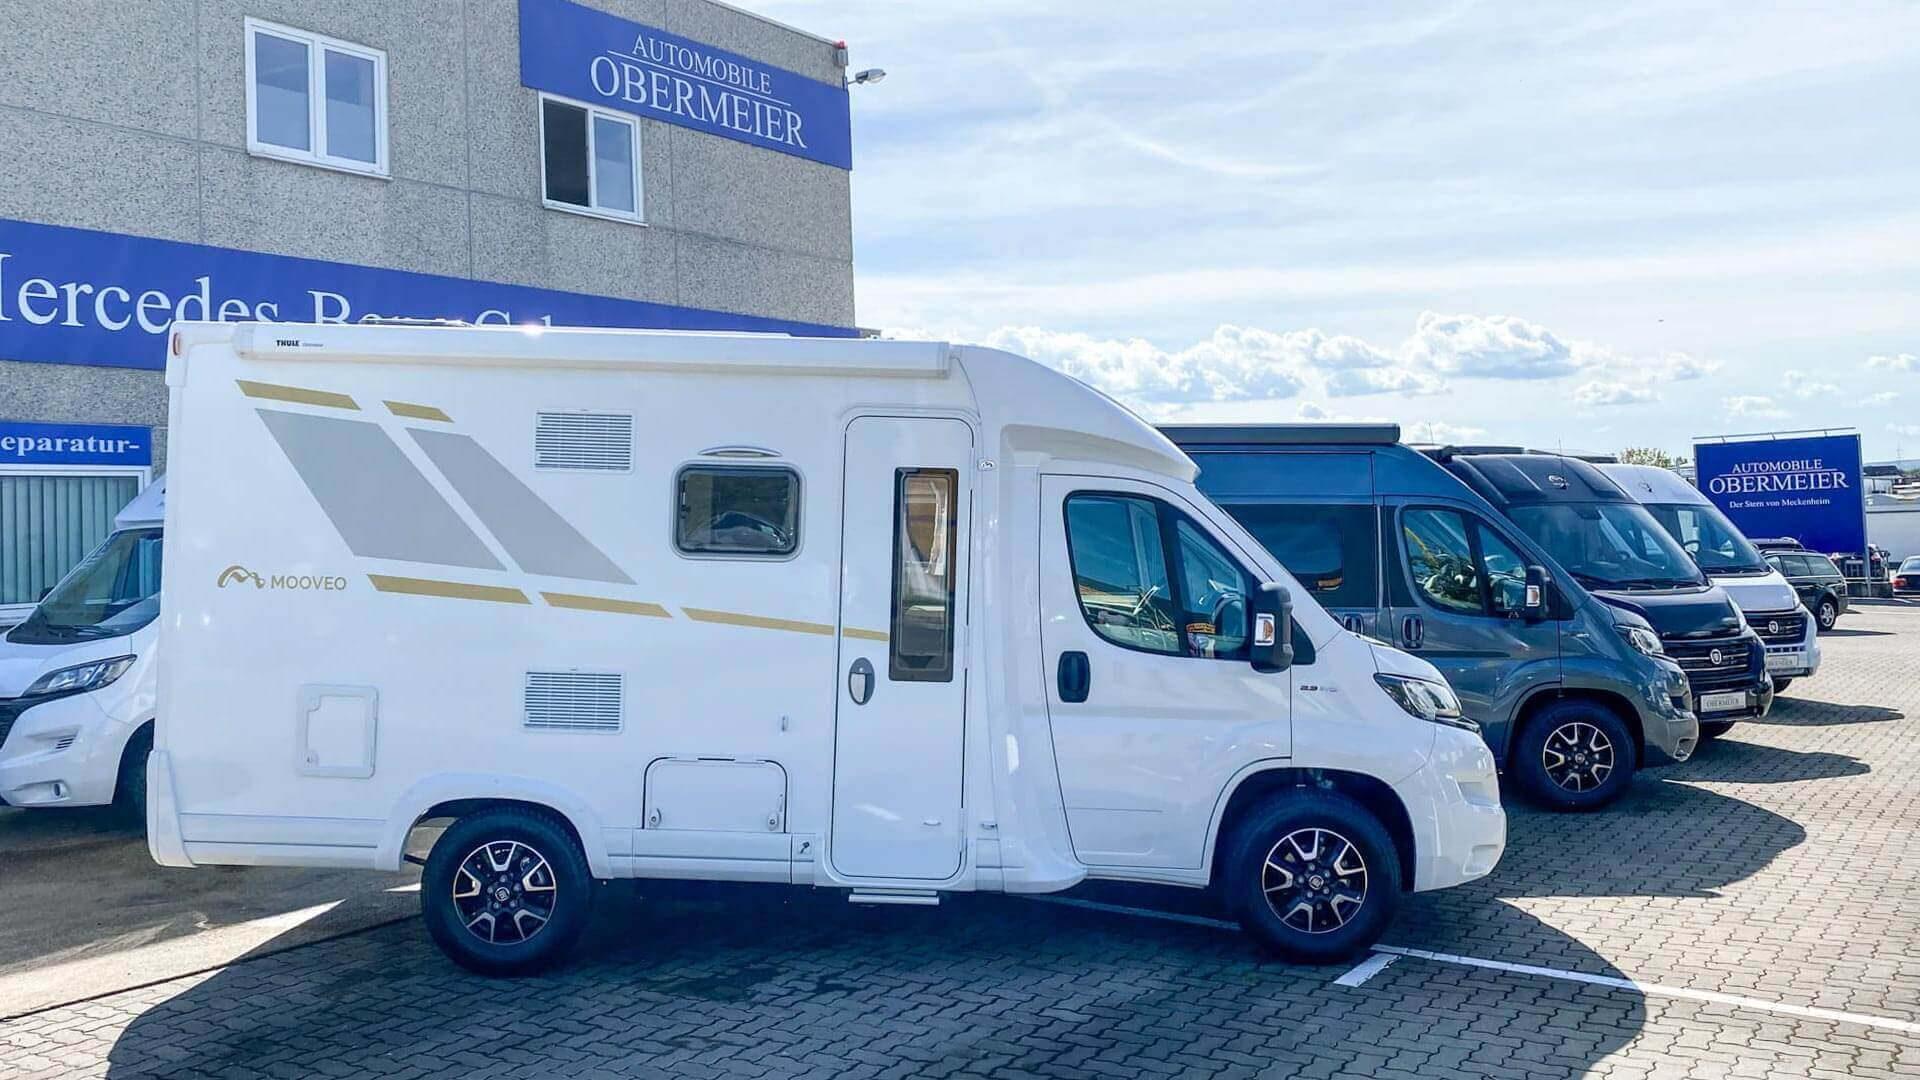 Weißes Mooveo-Wohnmobil im Außenbereich bei Automobile Obermeier in Meckenheim